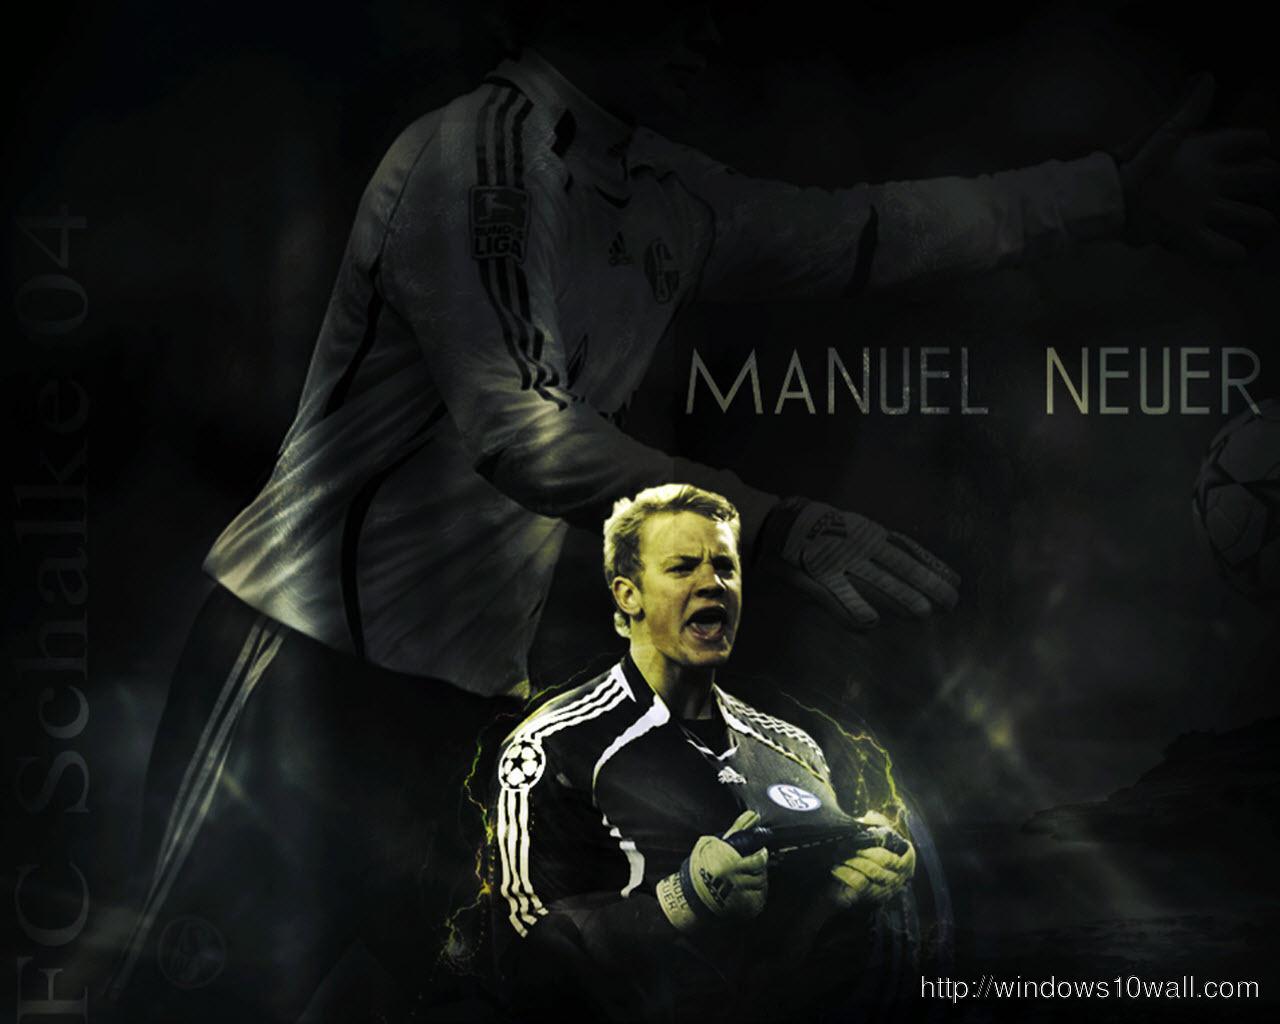 manuel neuer Dark Background Pic